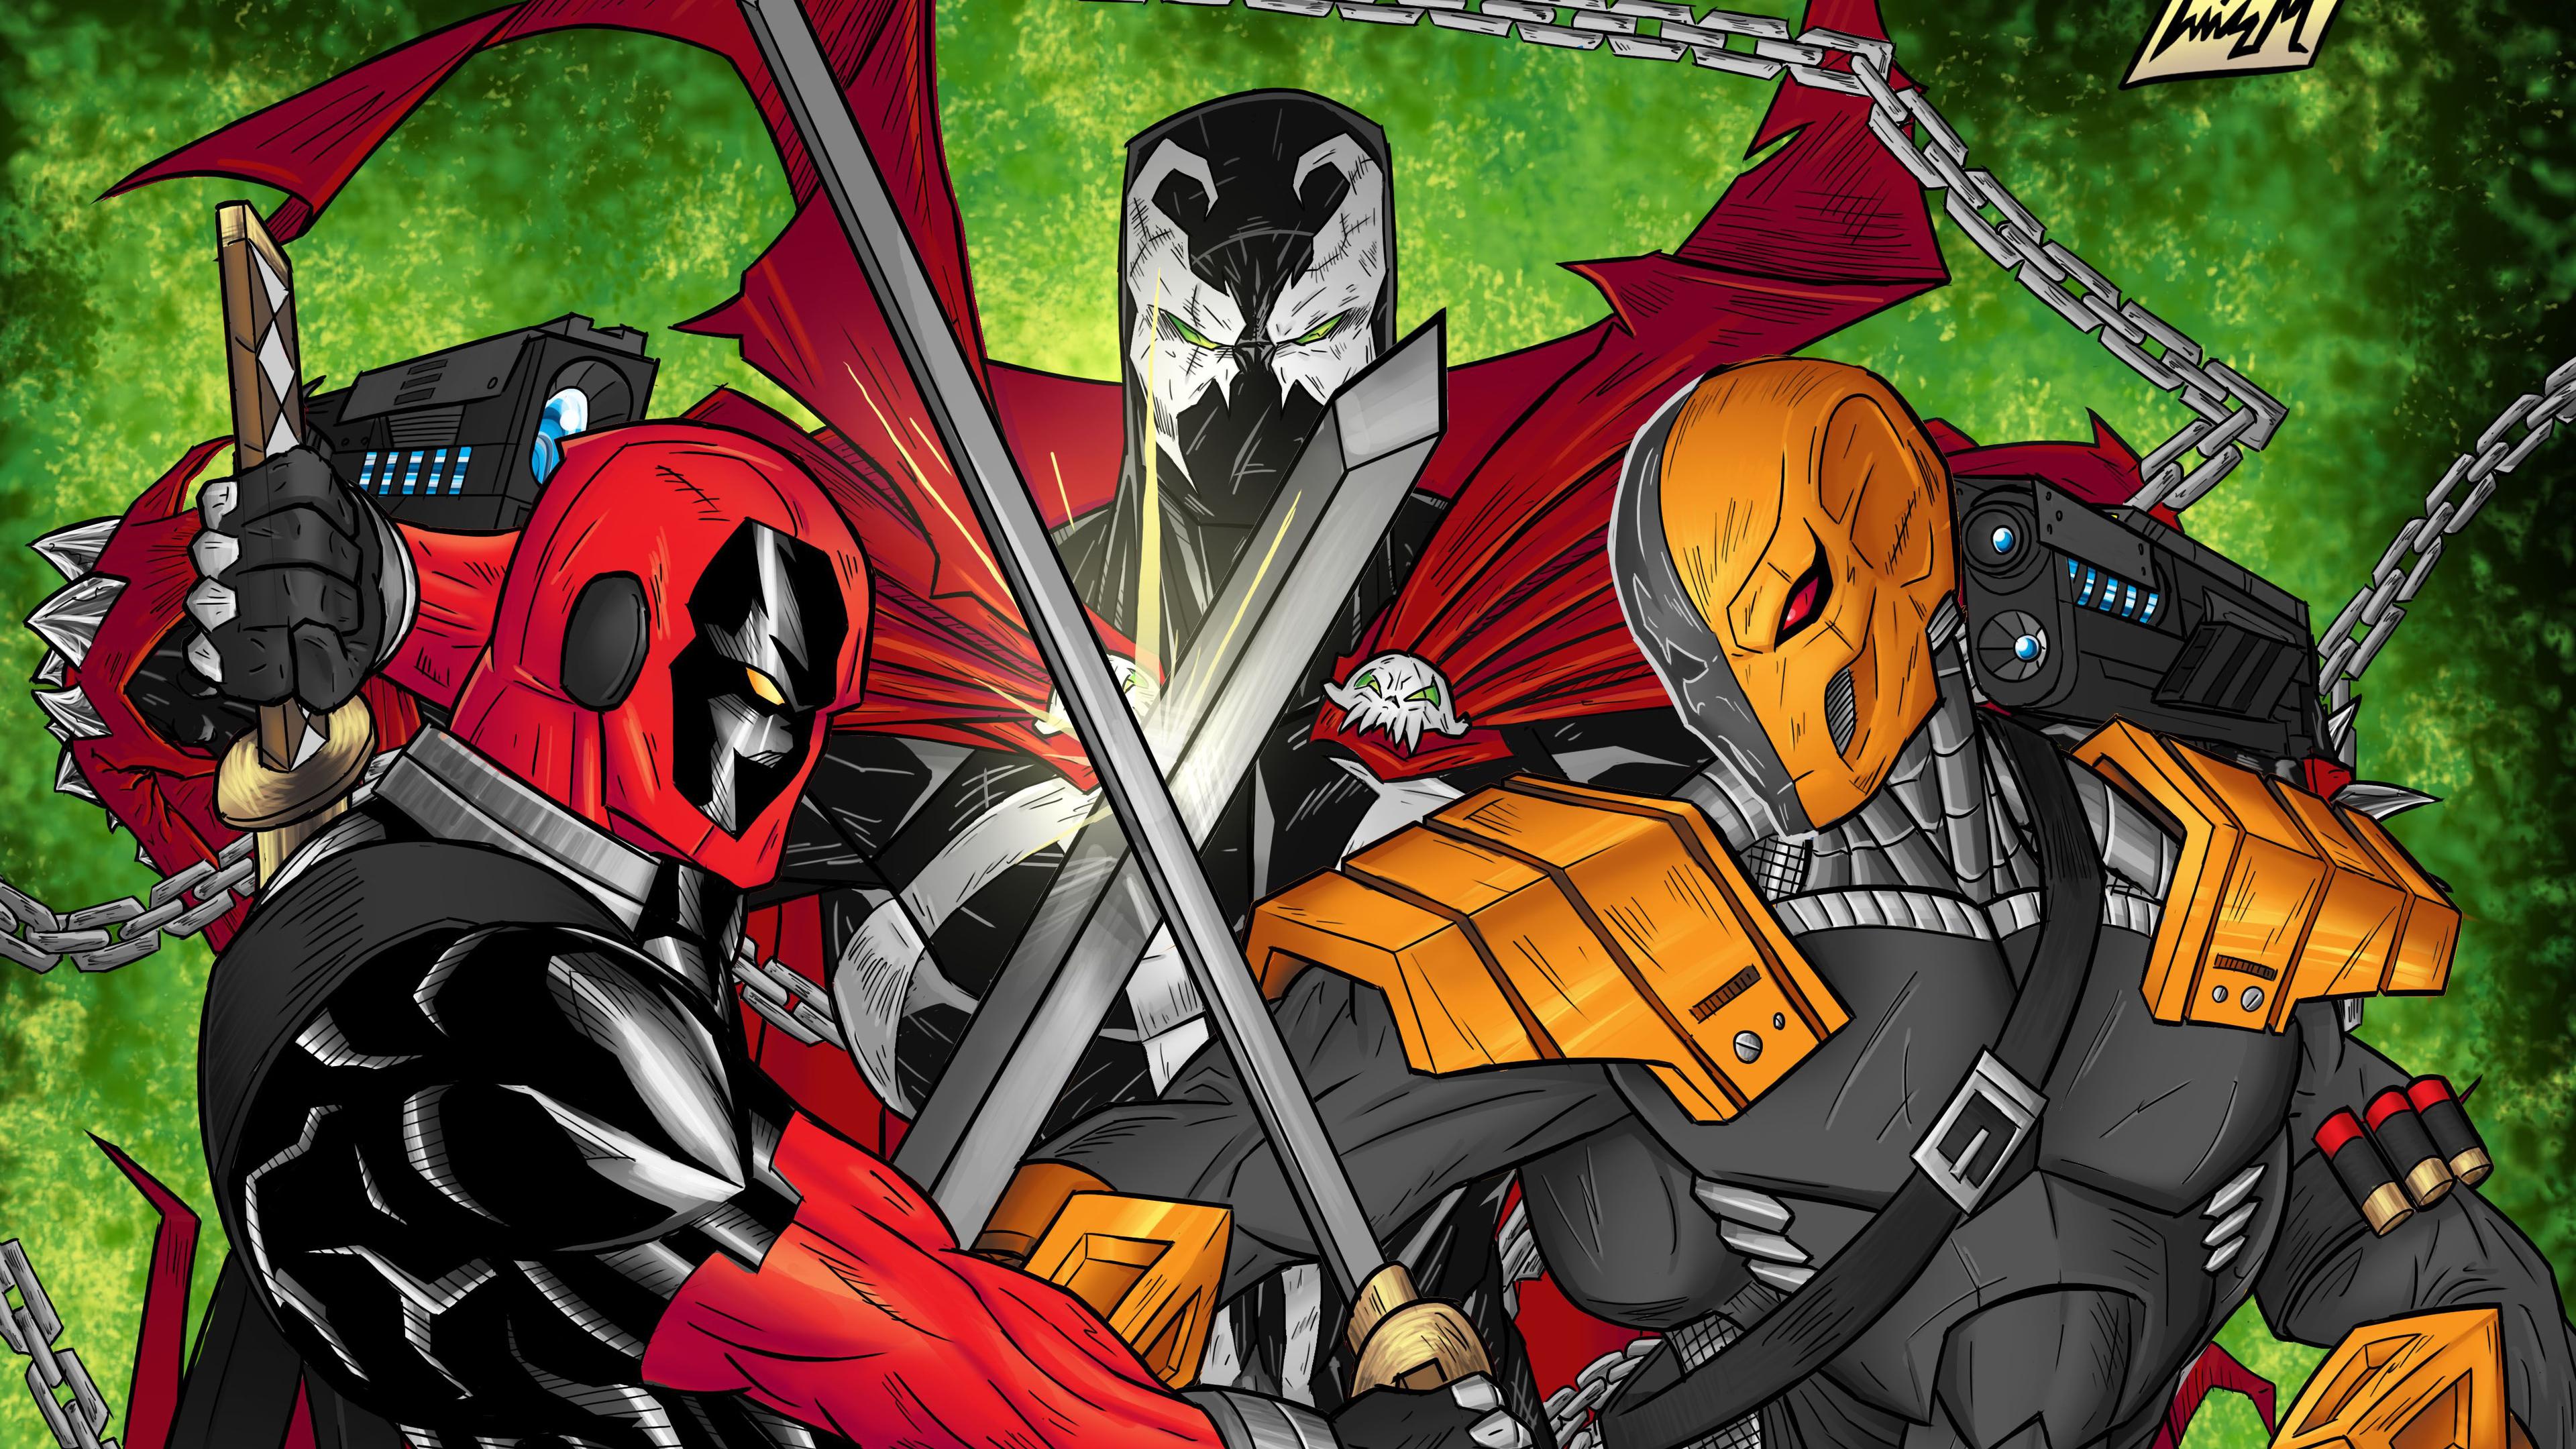 superhero vs supervillain 4k 1547936499 - Superhero Vs Supervillain 4k - superheroes wallpapers, hd-wallpapers, digital art wallpapers, deathstroke wallpapers, deadpool wallpapers, artwork wallpapers, 4k-wallpapers